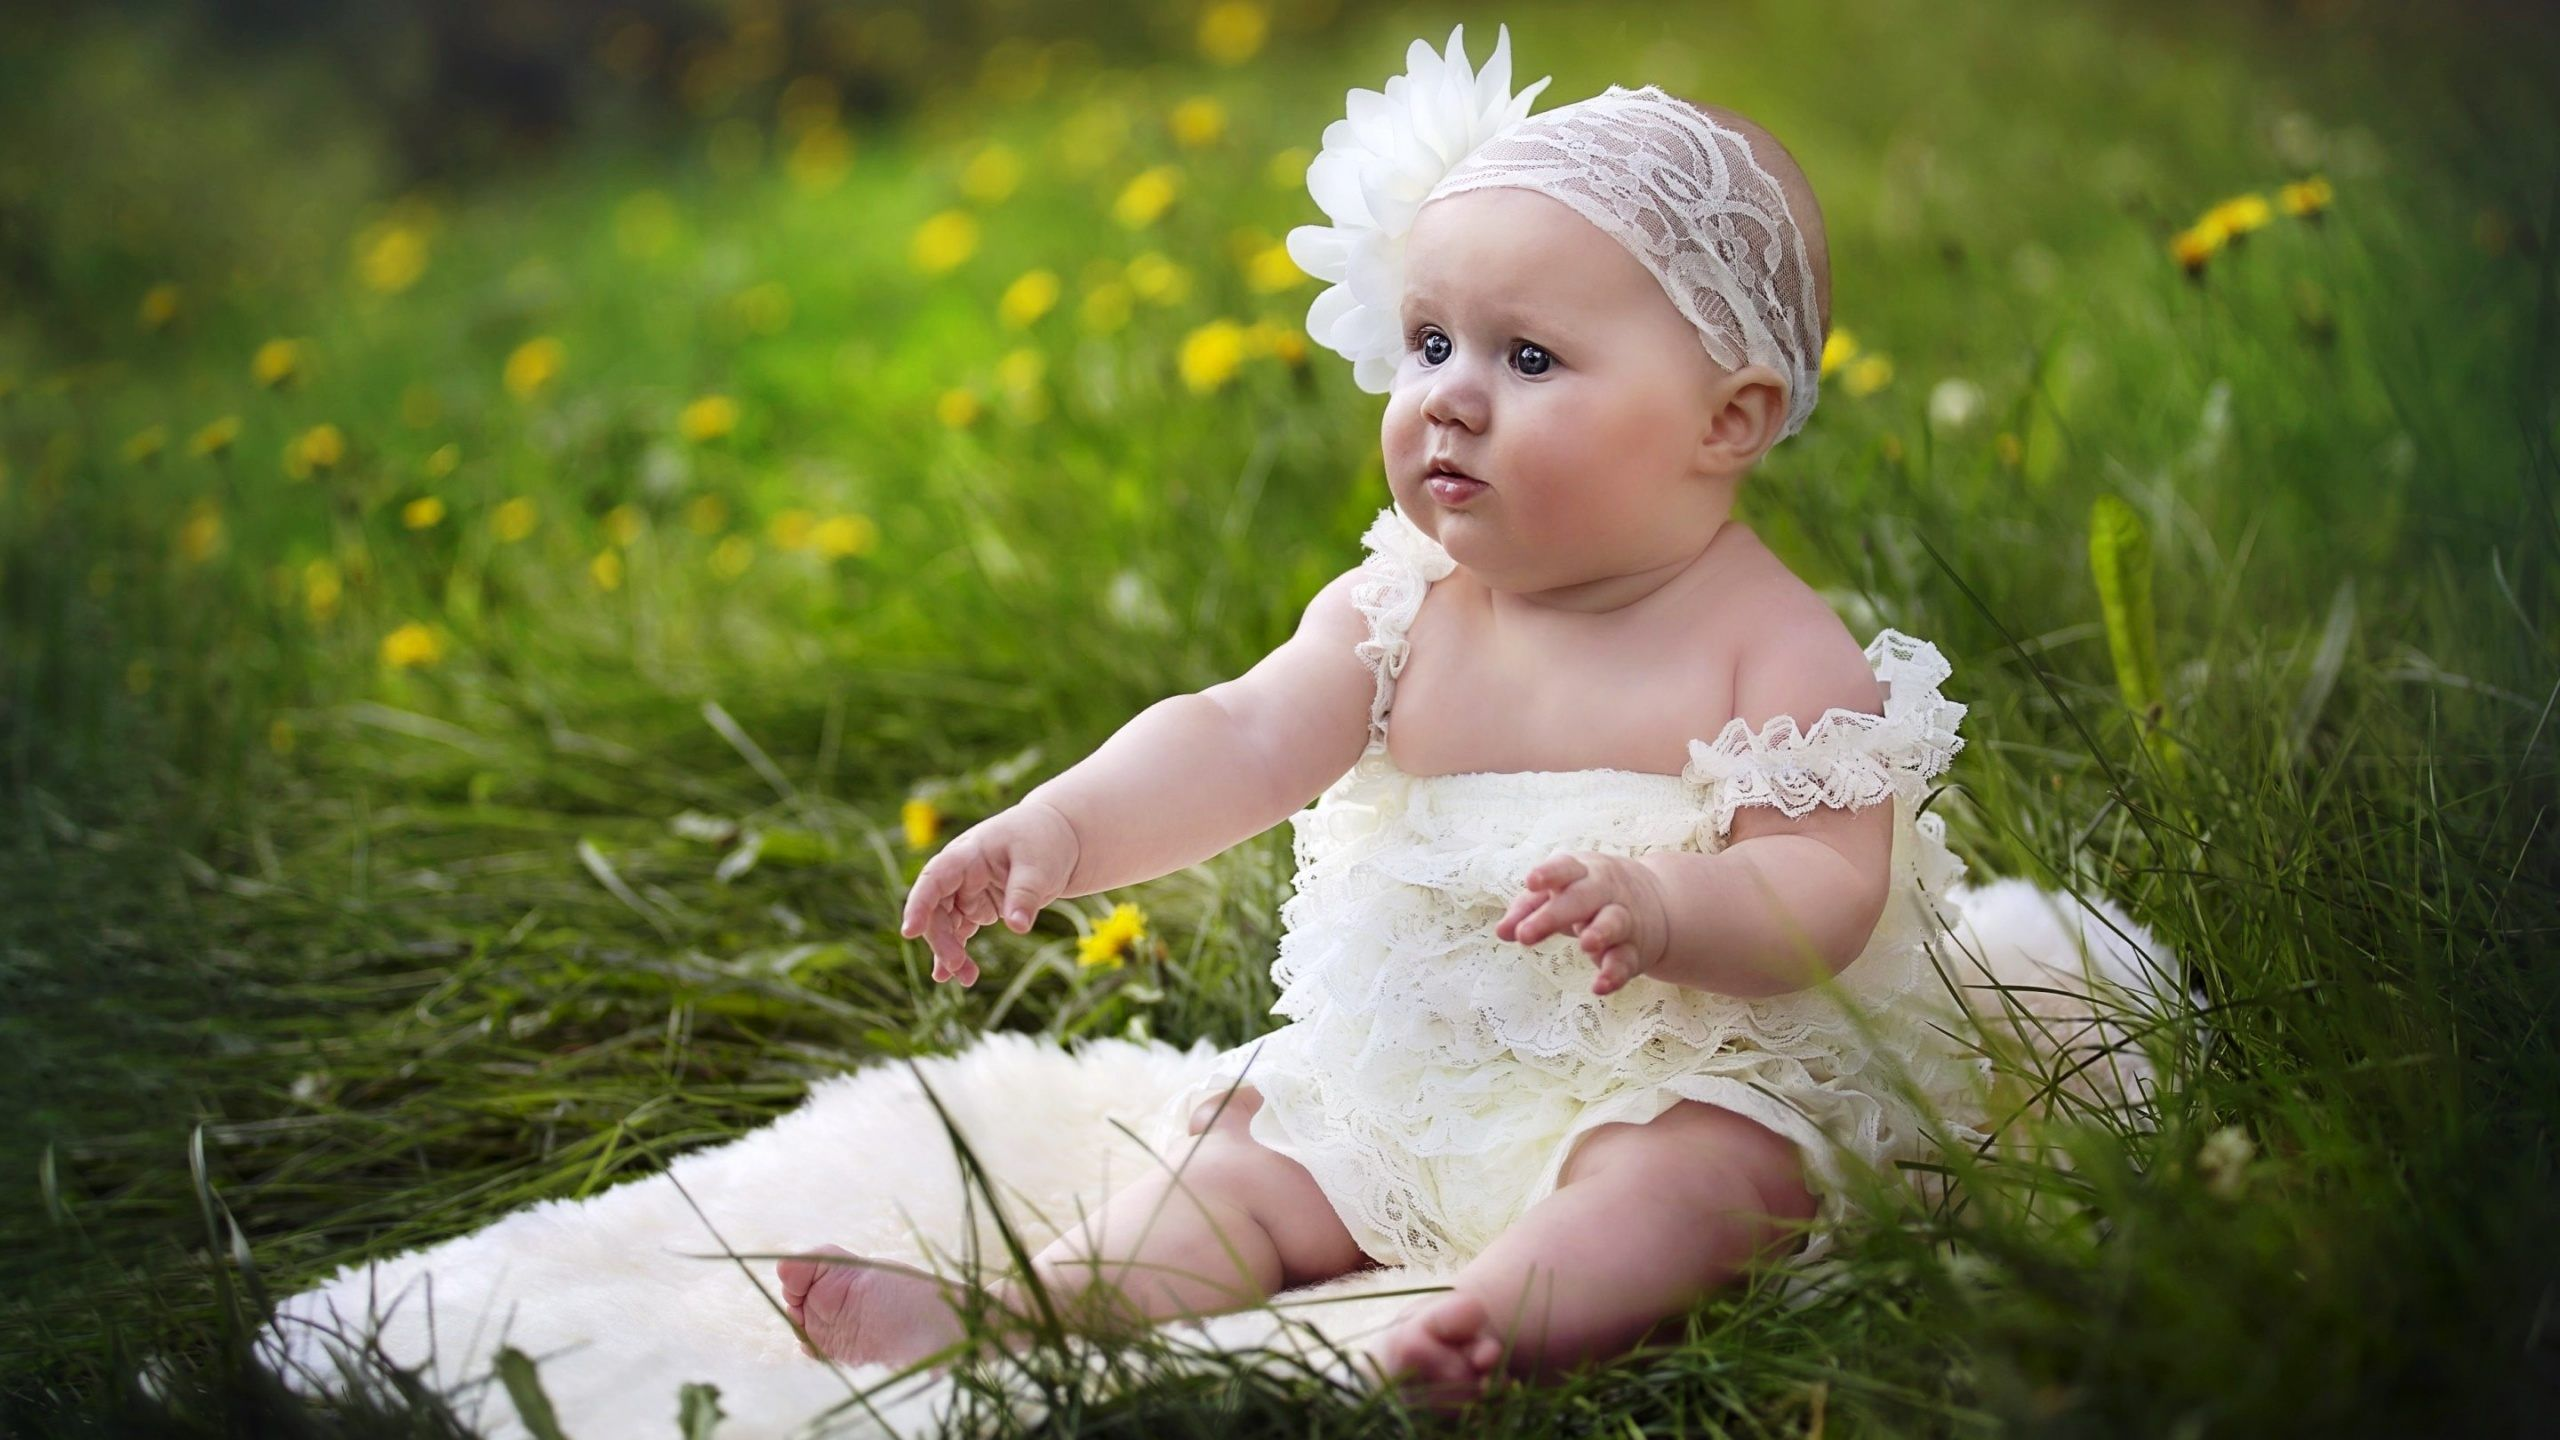 Sweet Babies Wallpaper Picture For Desktop